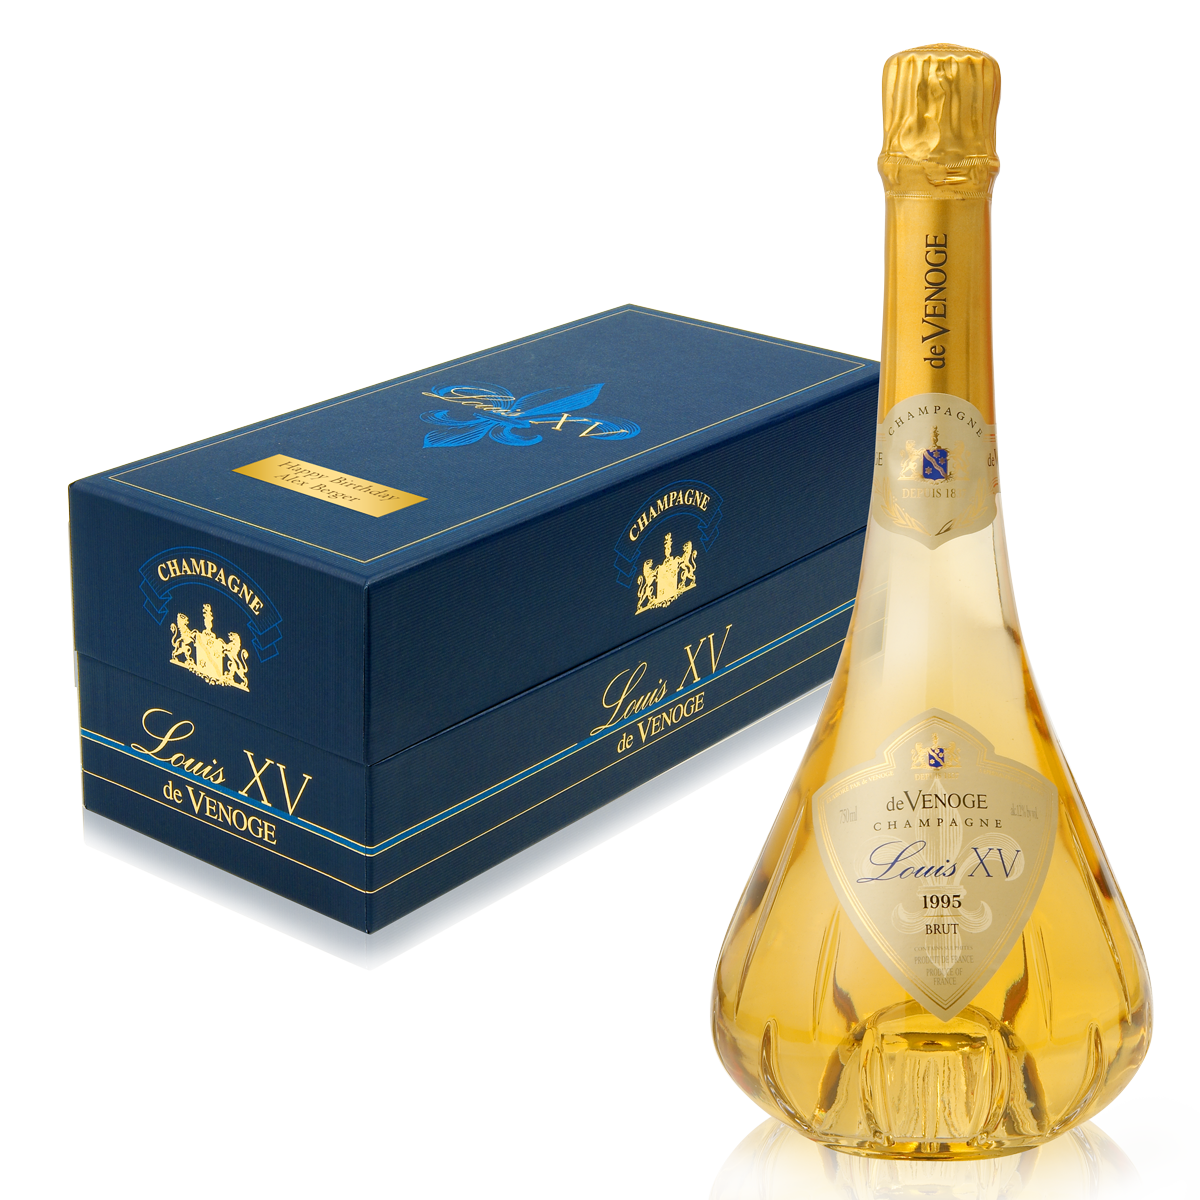 Champagne Louis XV - das sehr exklusive Geschenk